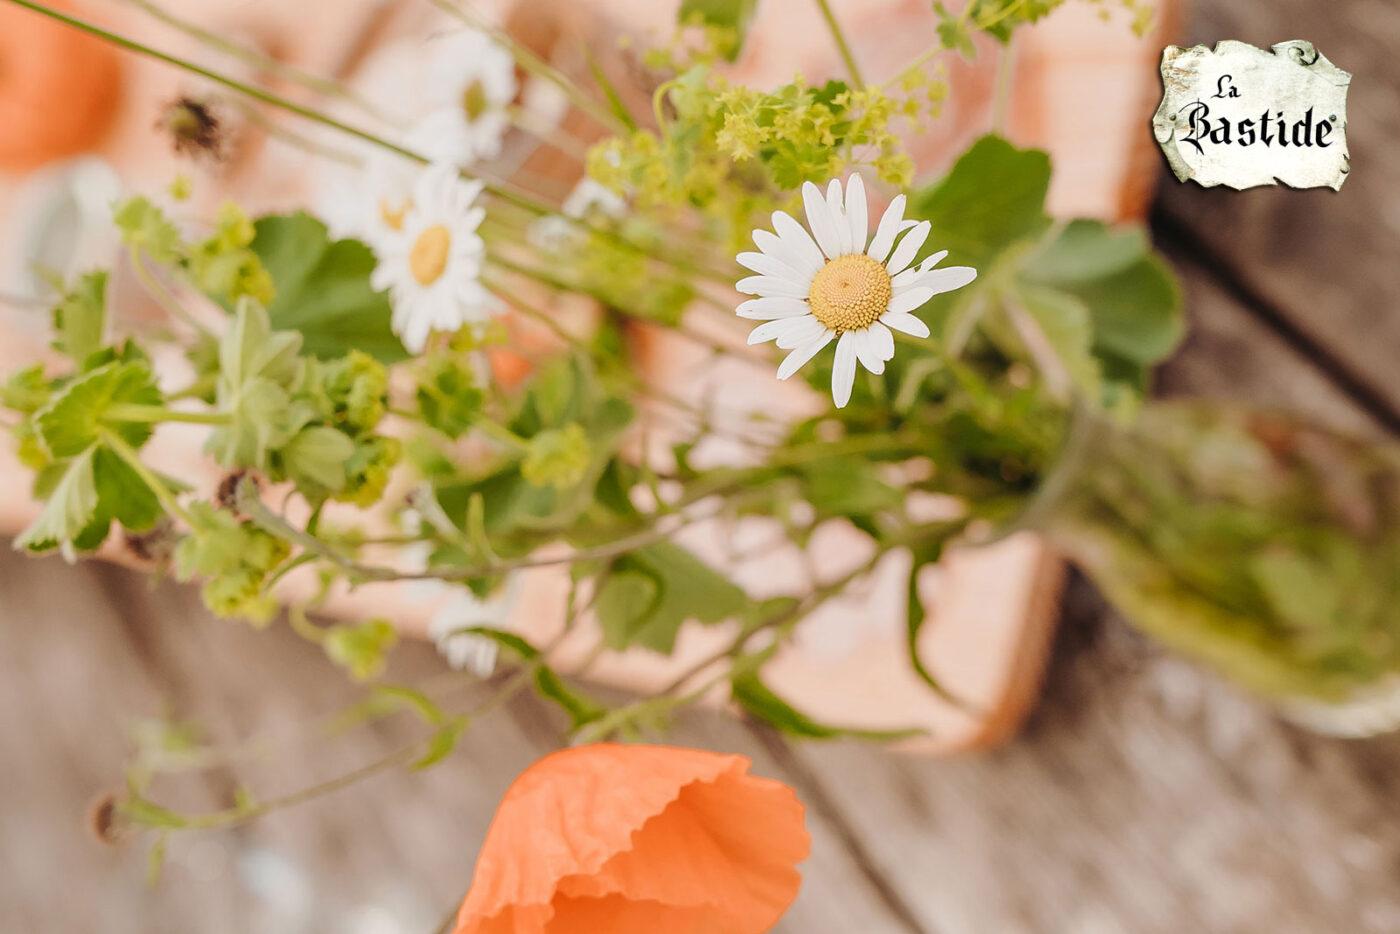 Vakantiedomein La-Bastide nieuwsbrief sfeerfoto bloemen